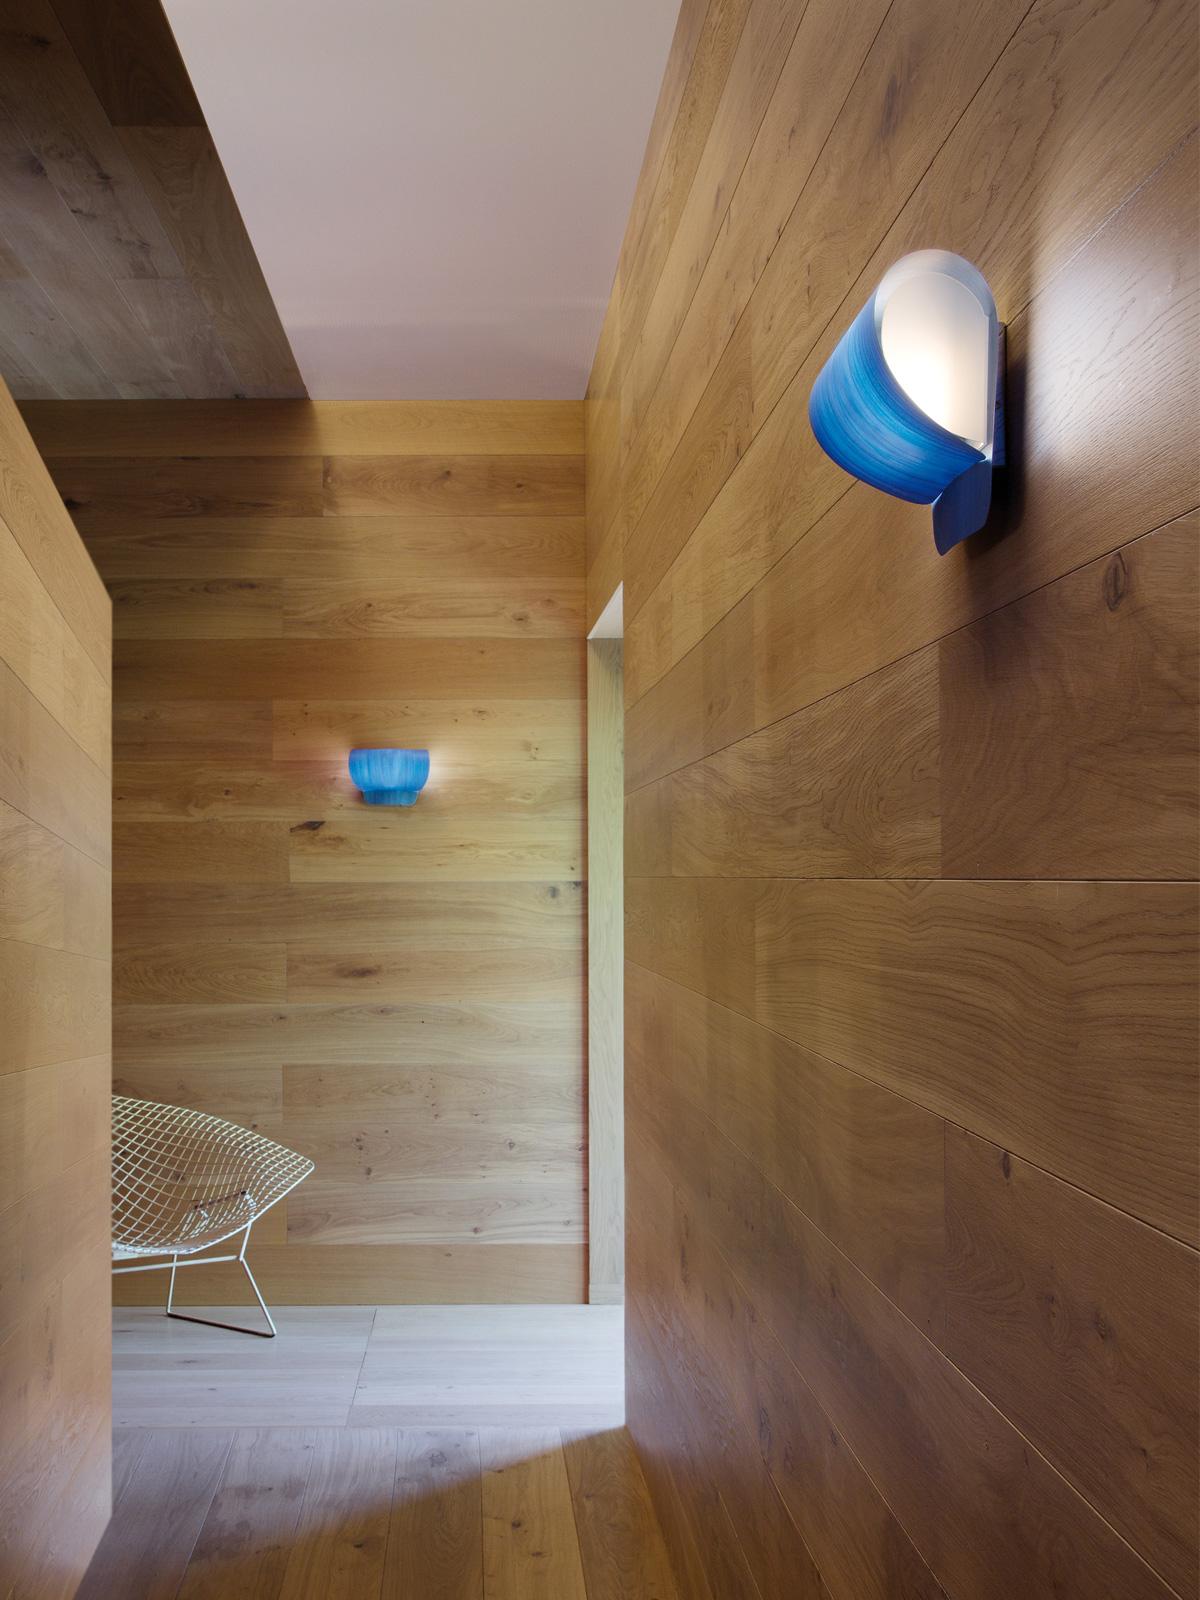 LZF Oleg Wandleuchte Holz 11 Furnierholzfarben Designort Berlin Lampen